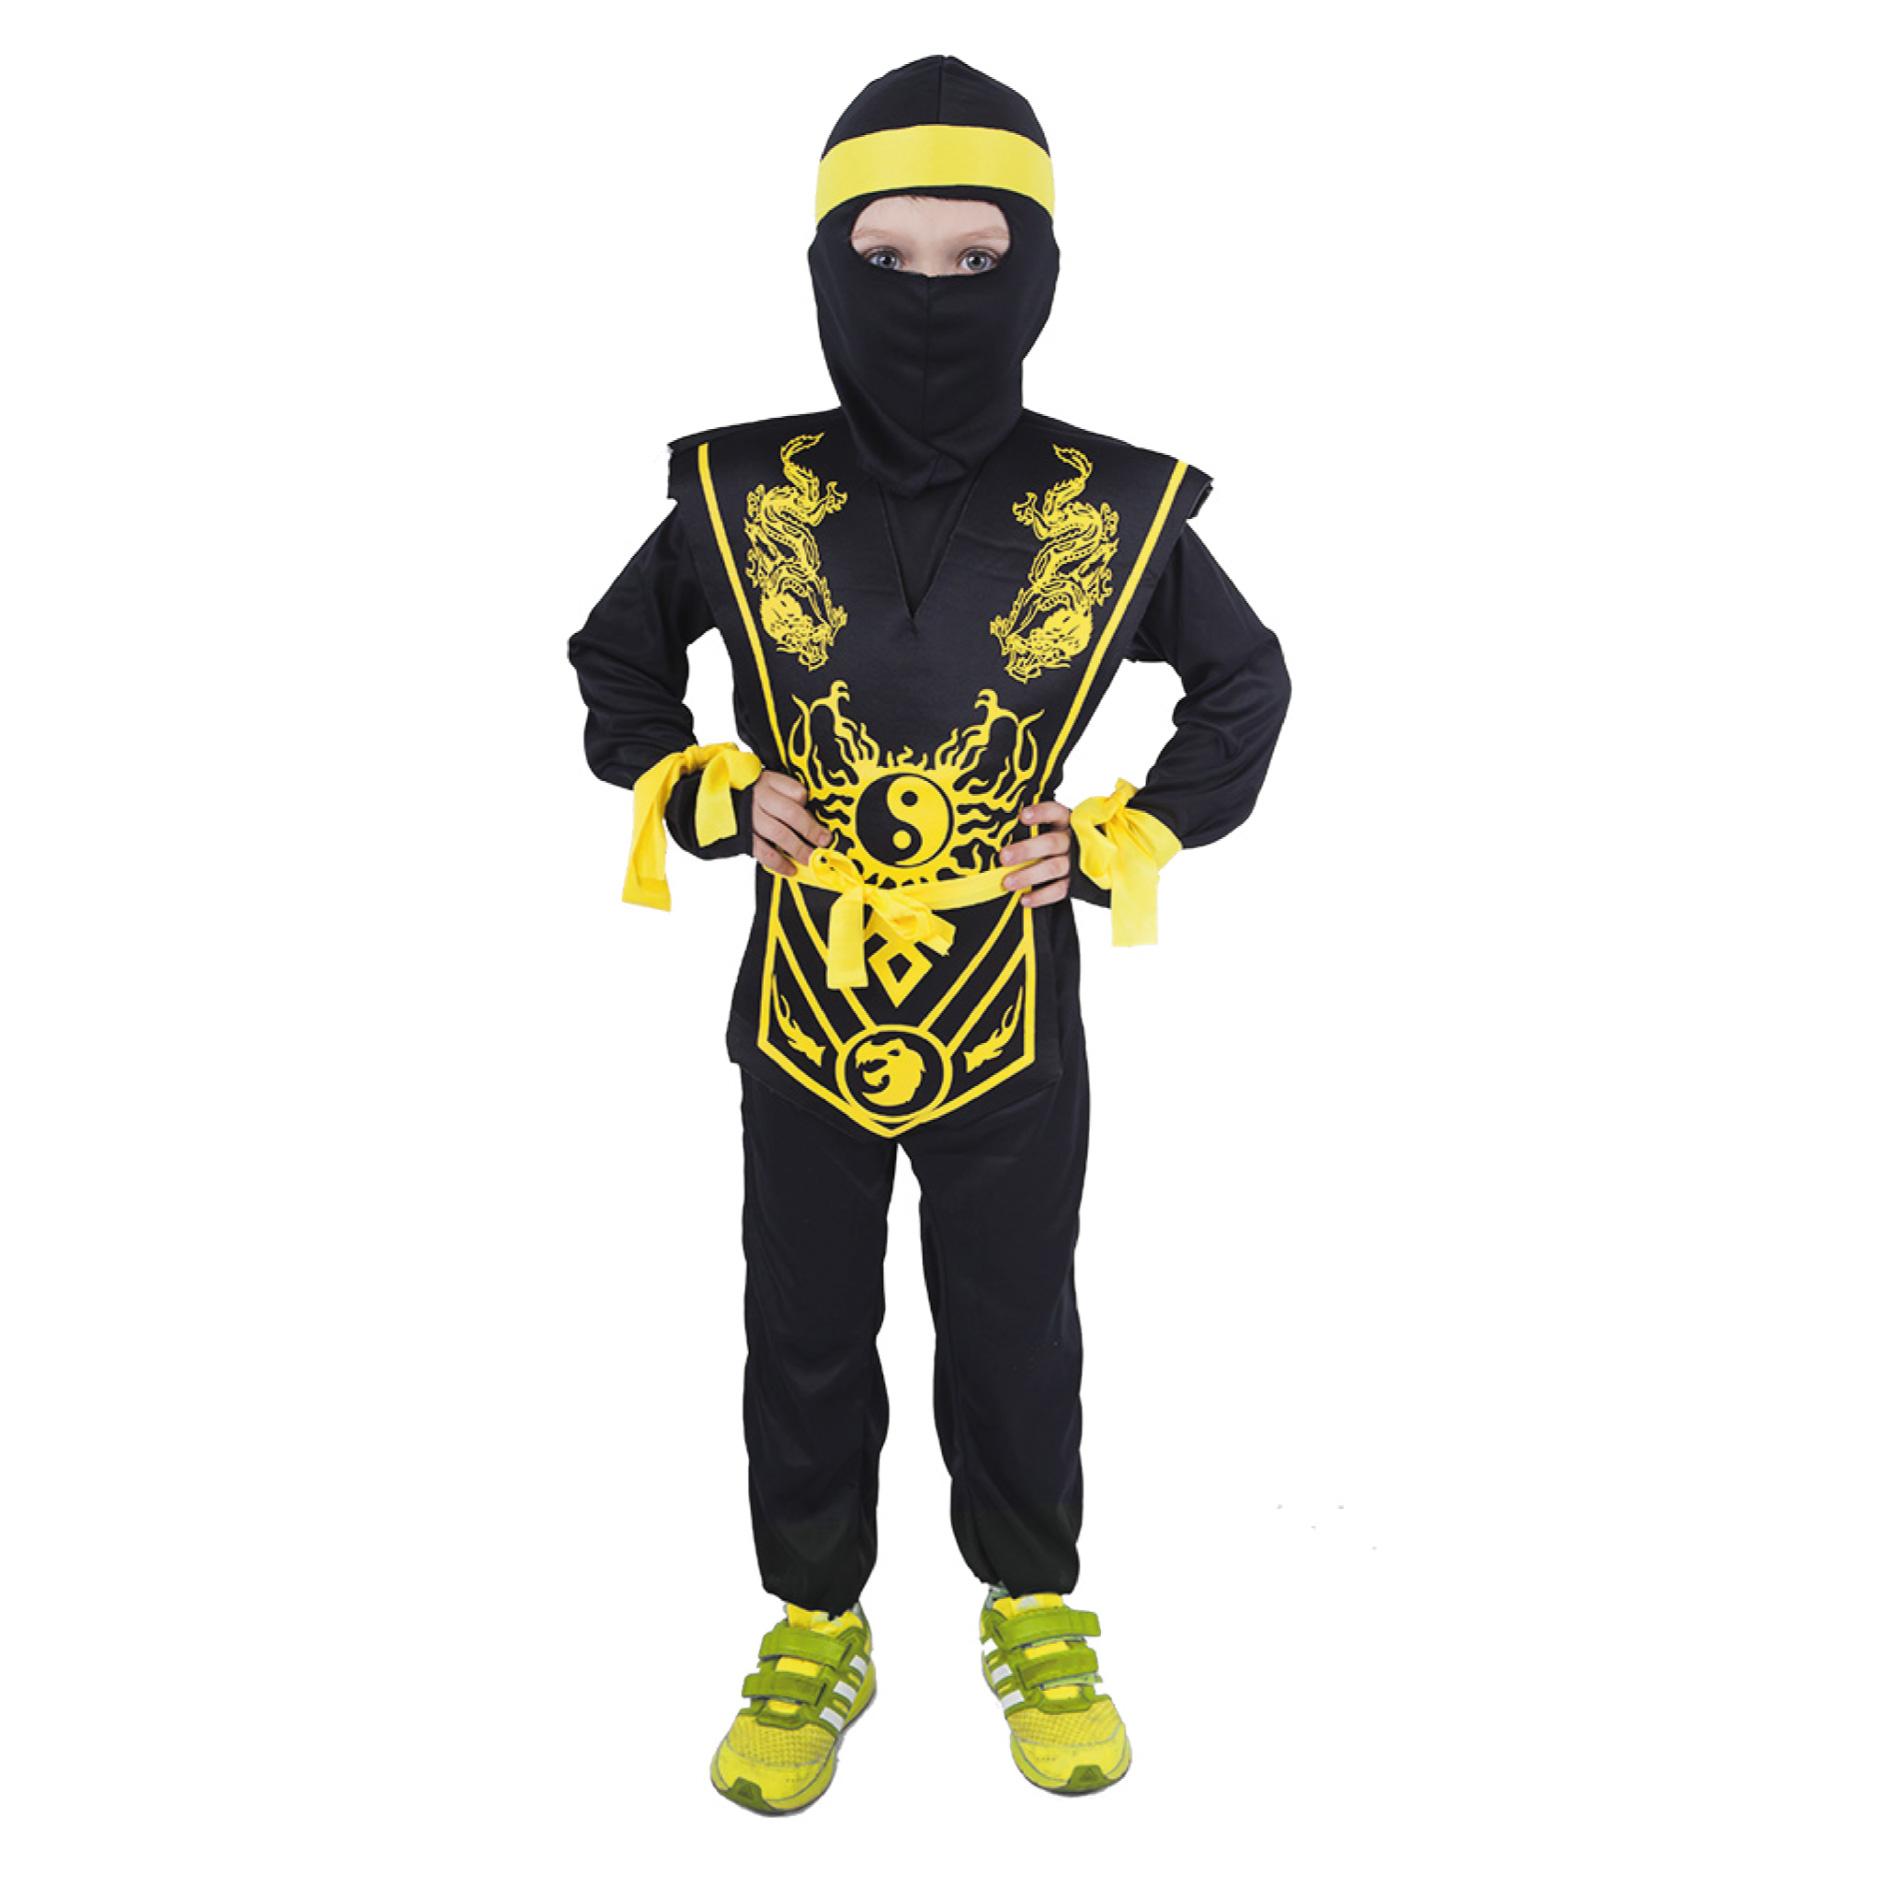 Dětský kostým žlutý ninja (S)